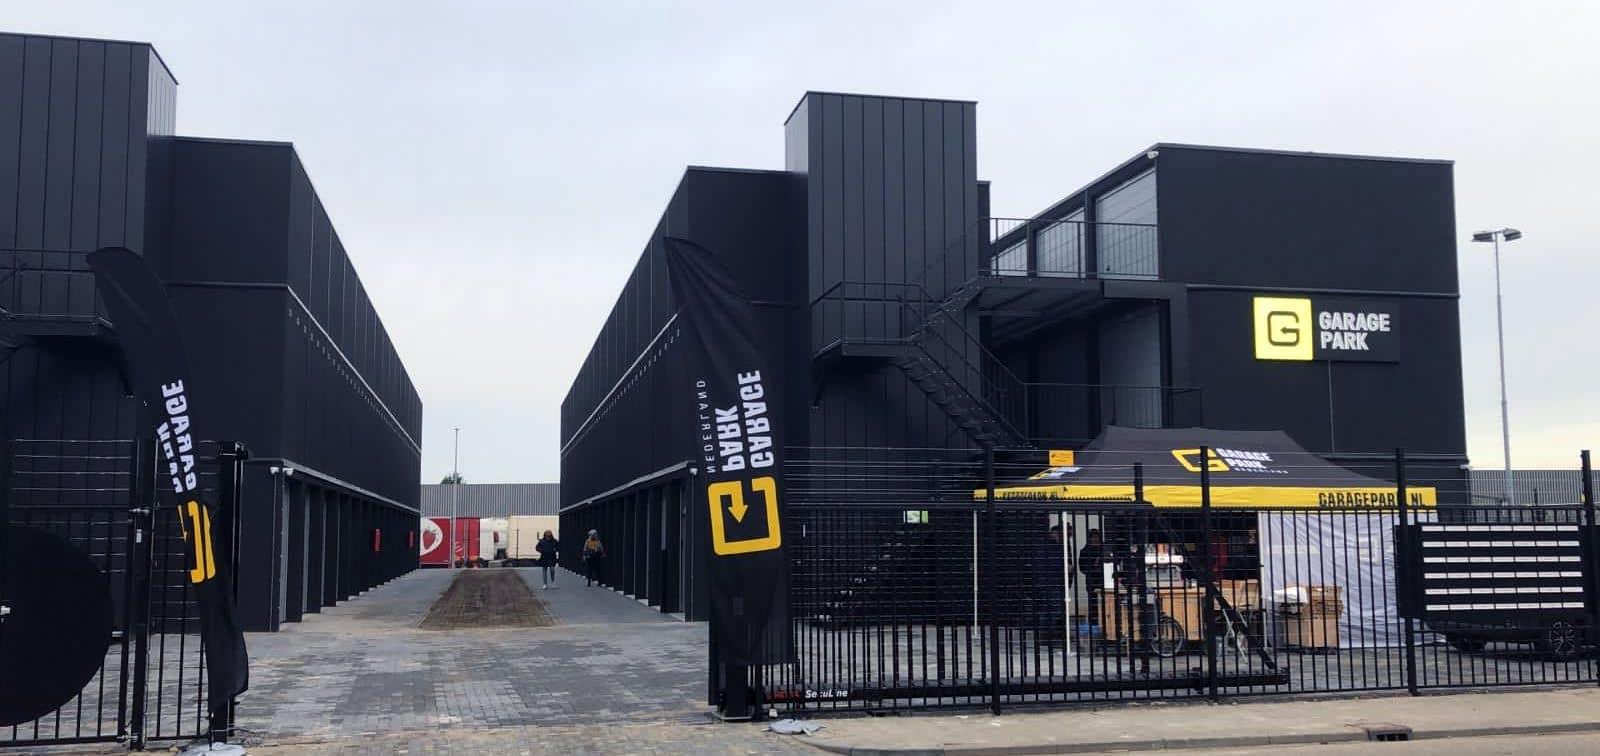 GaragePark Breda